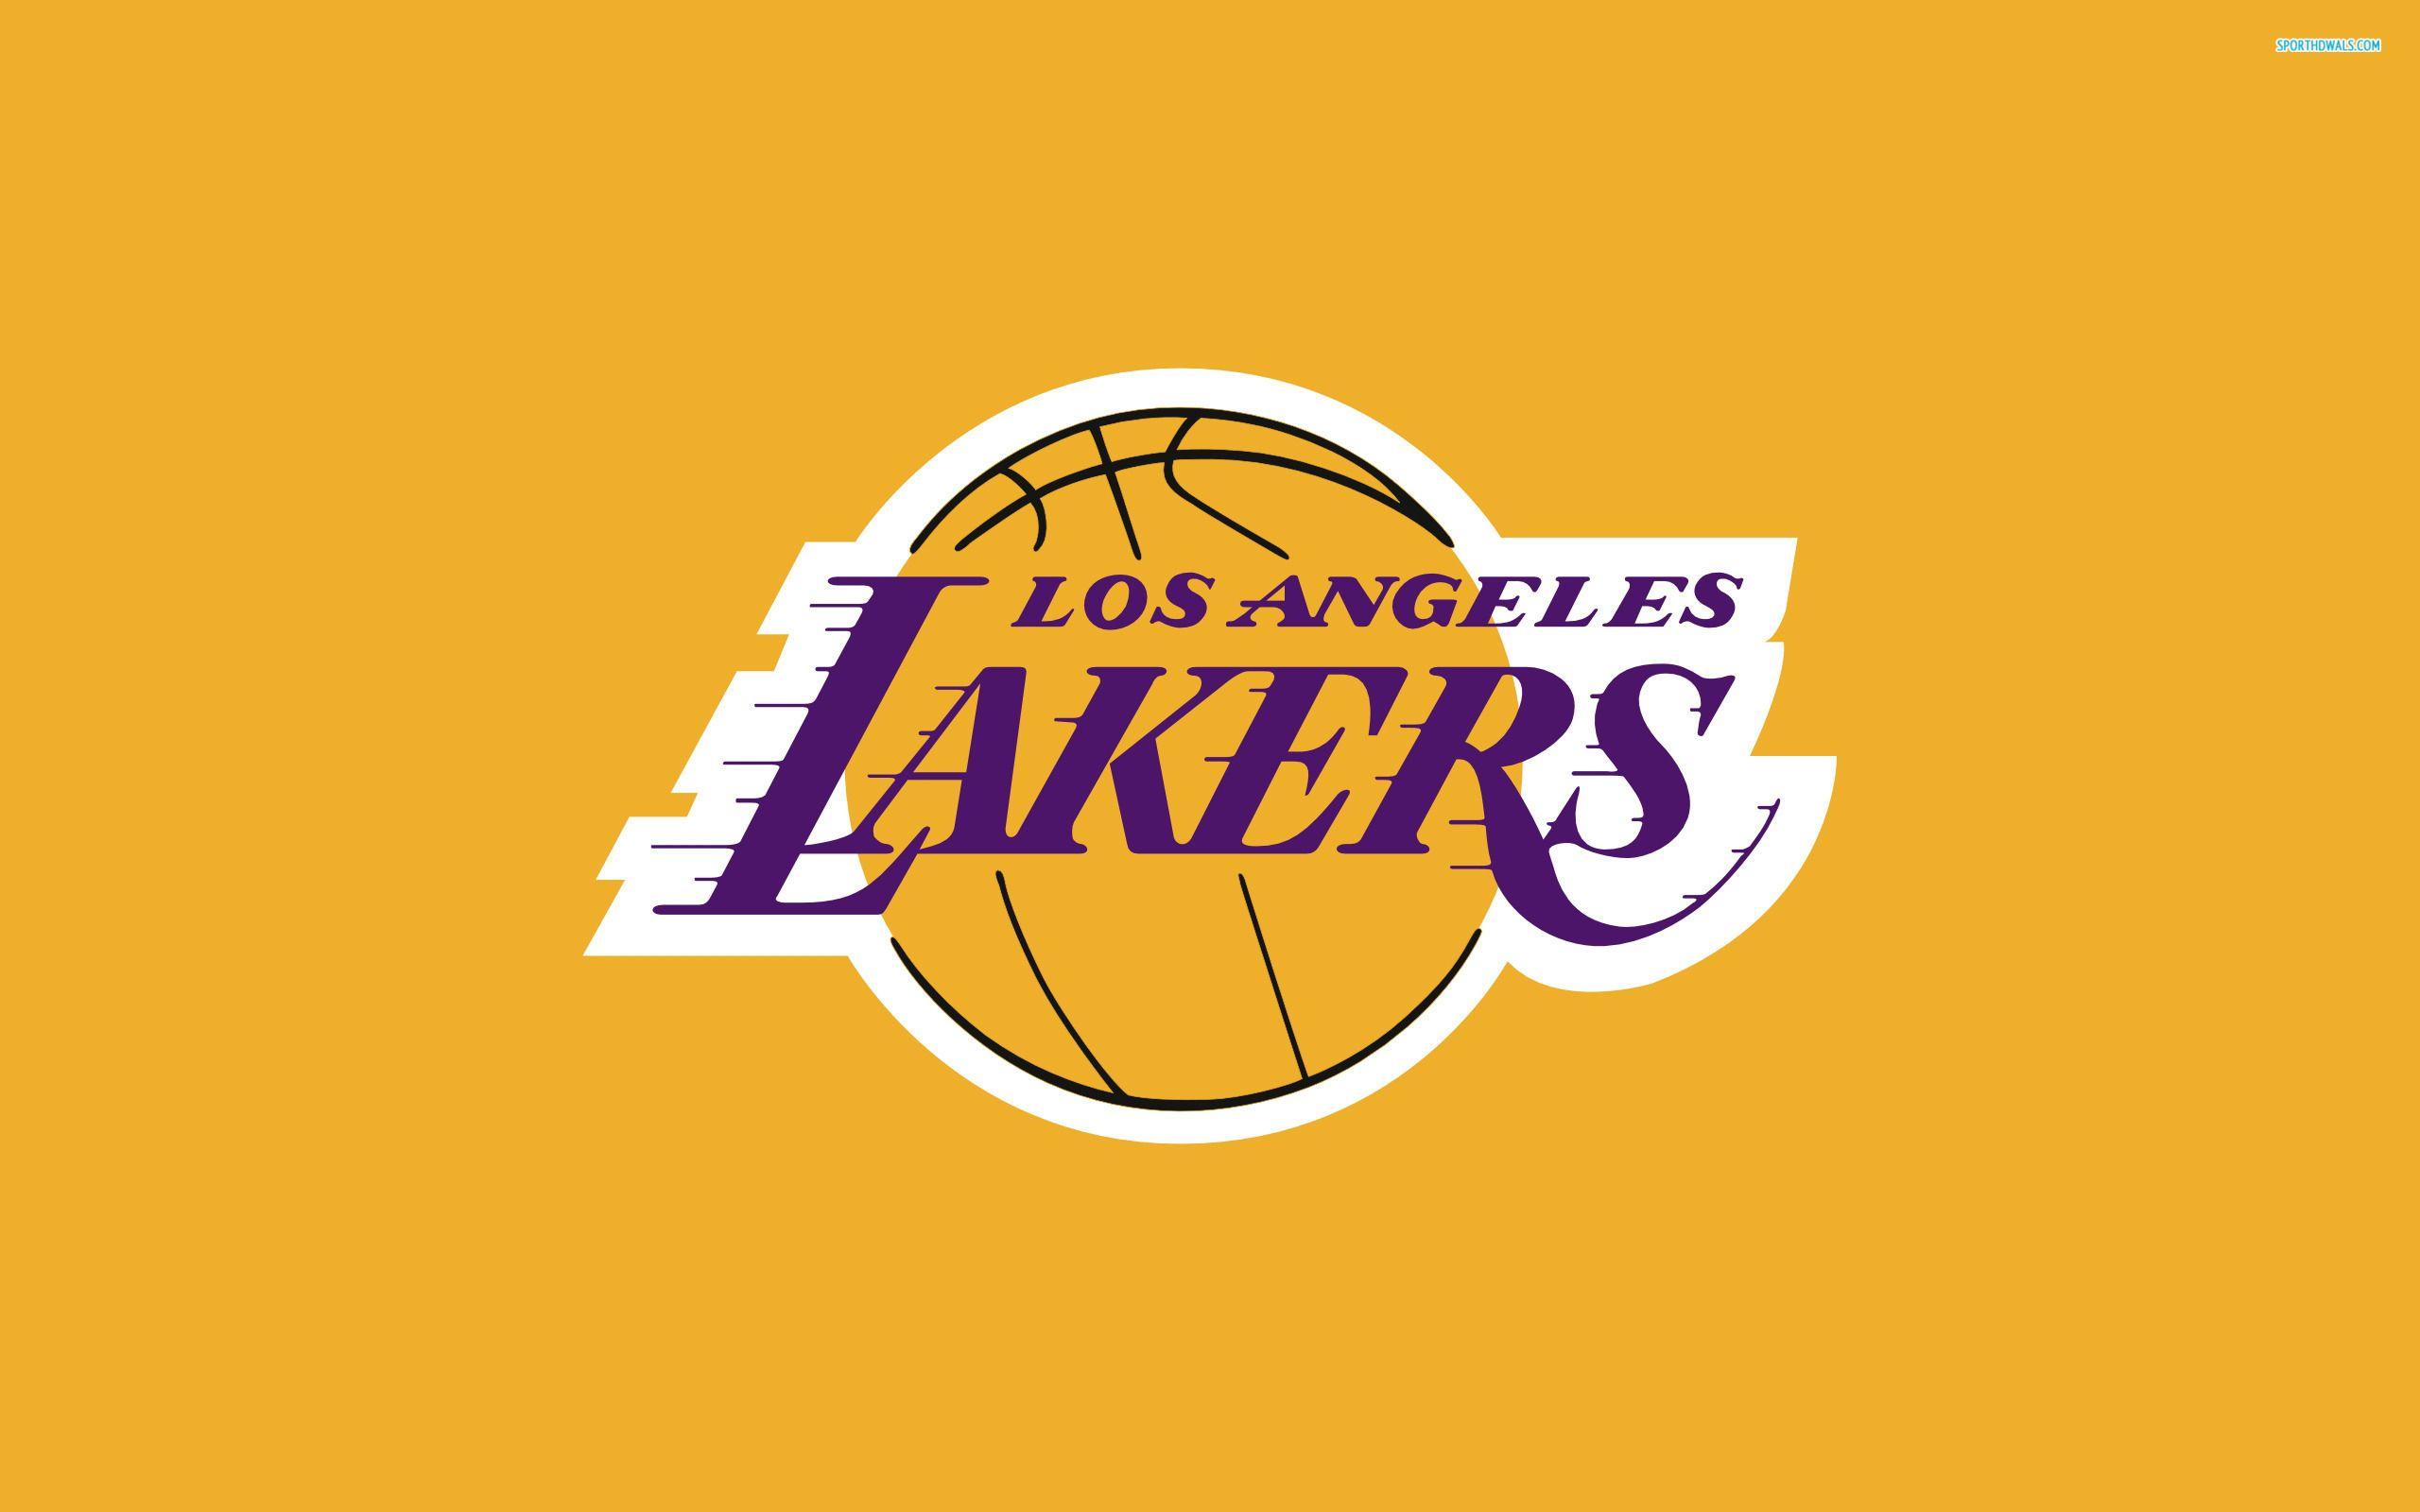 3D Lakers Wallpaper